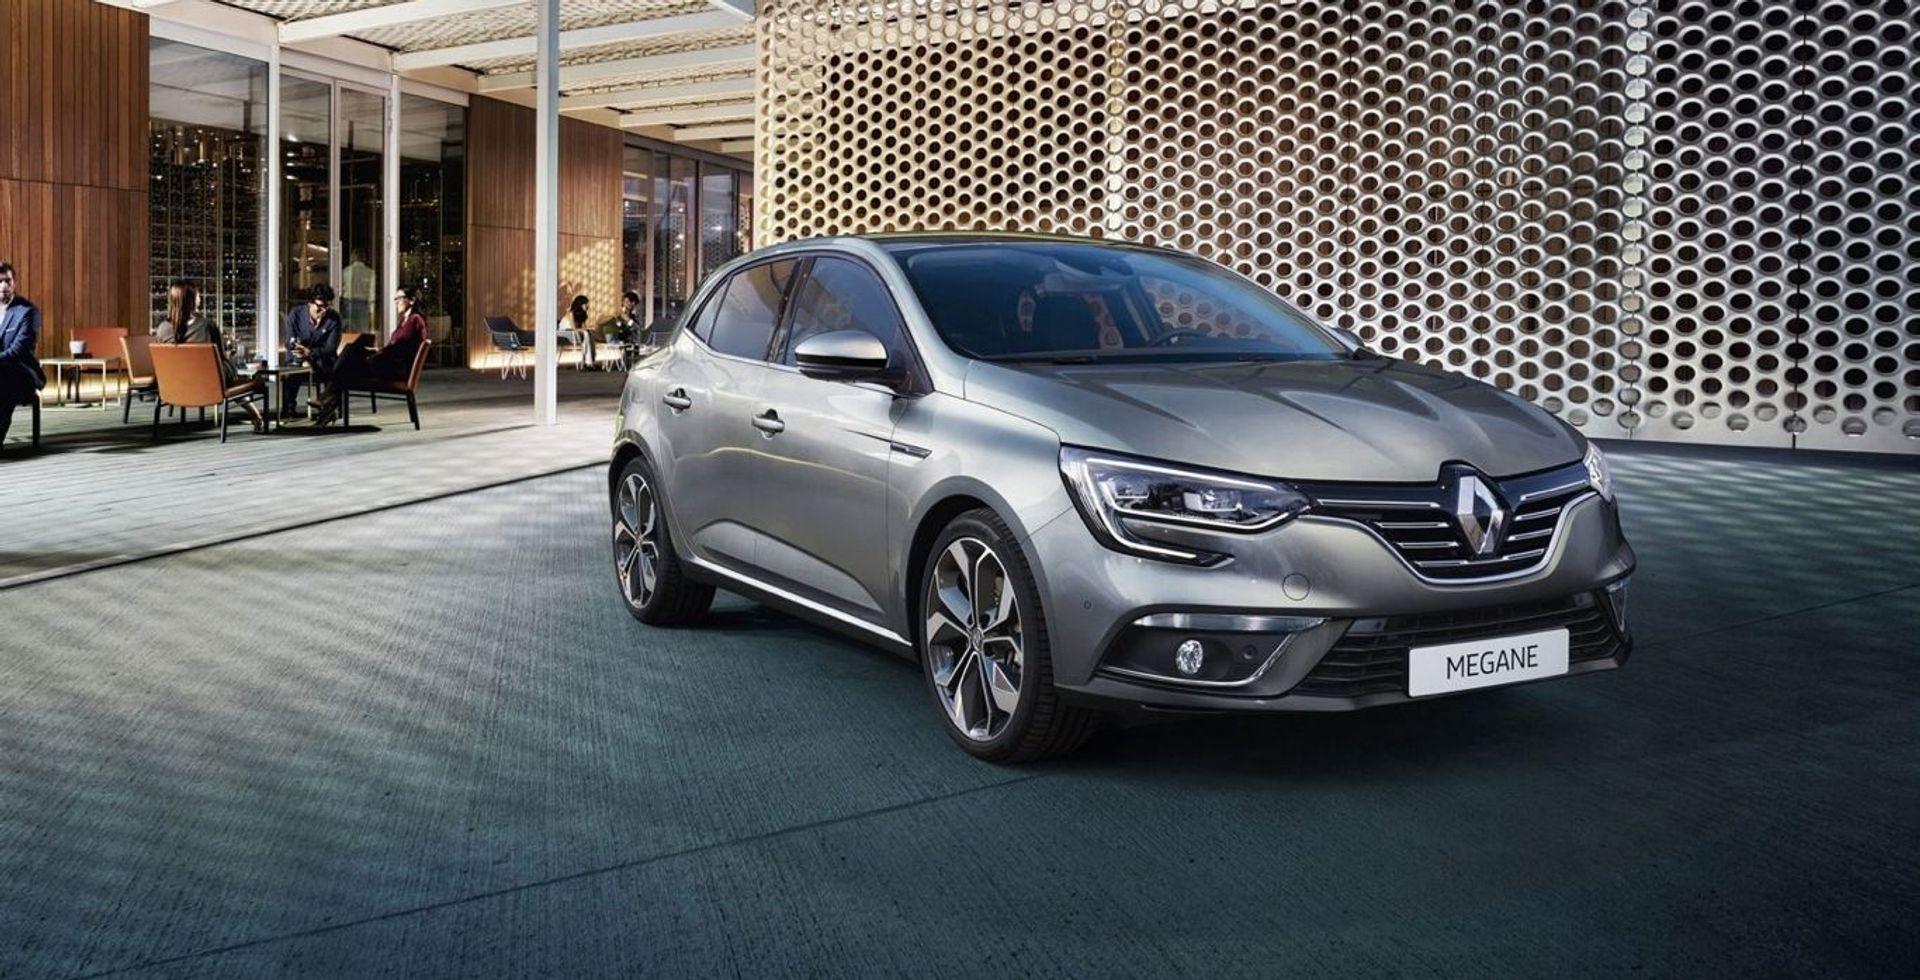 Renault Megane  image